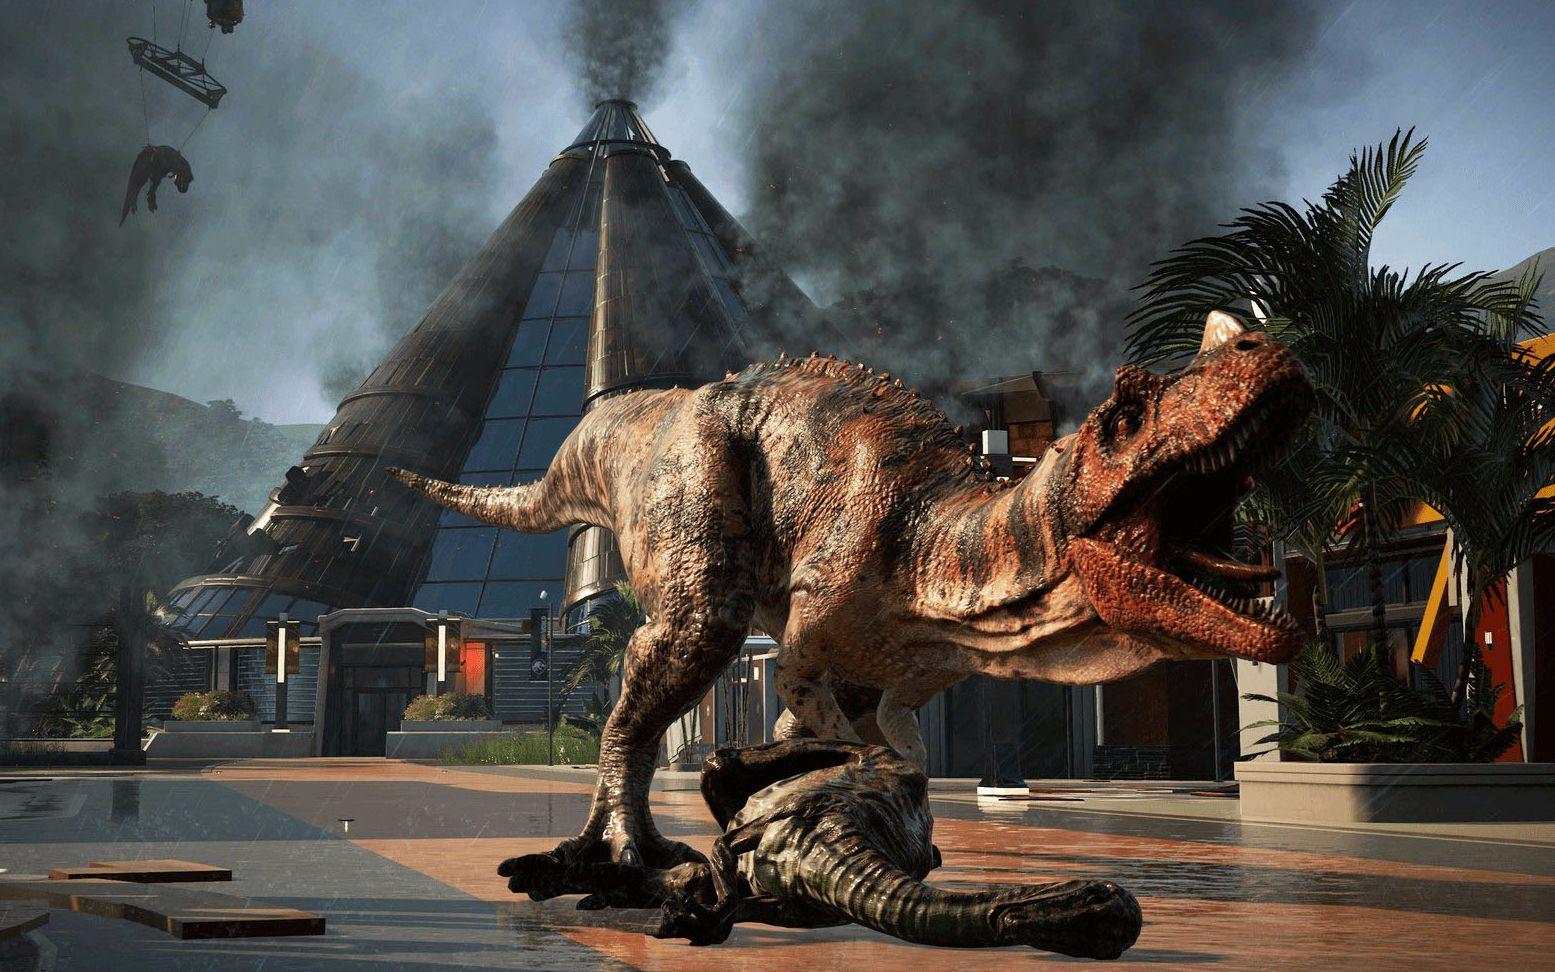 《侏罗纪世界: 进化》食肉龙全体暴动, 公园接近倒闭